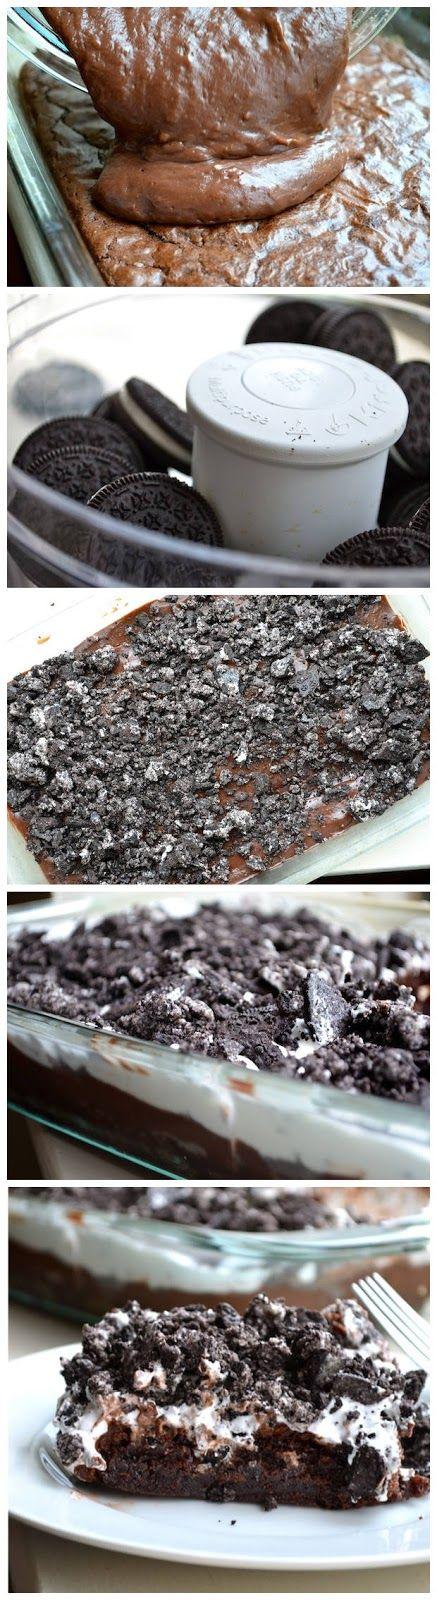 Normal Recipe: Chocolate Lasagna